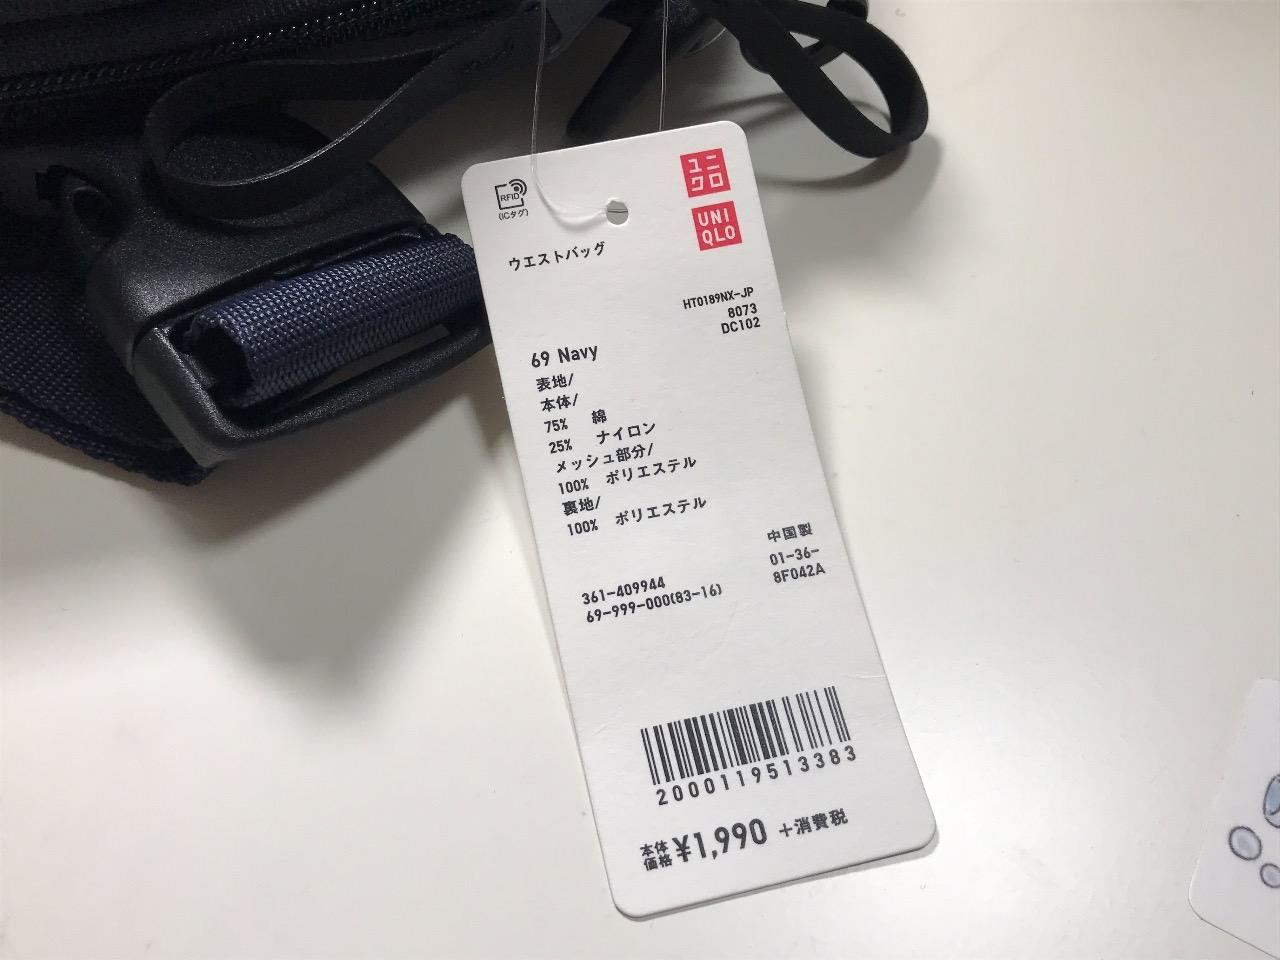 【ユニクロ】ウエストバッグ【感想】